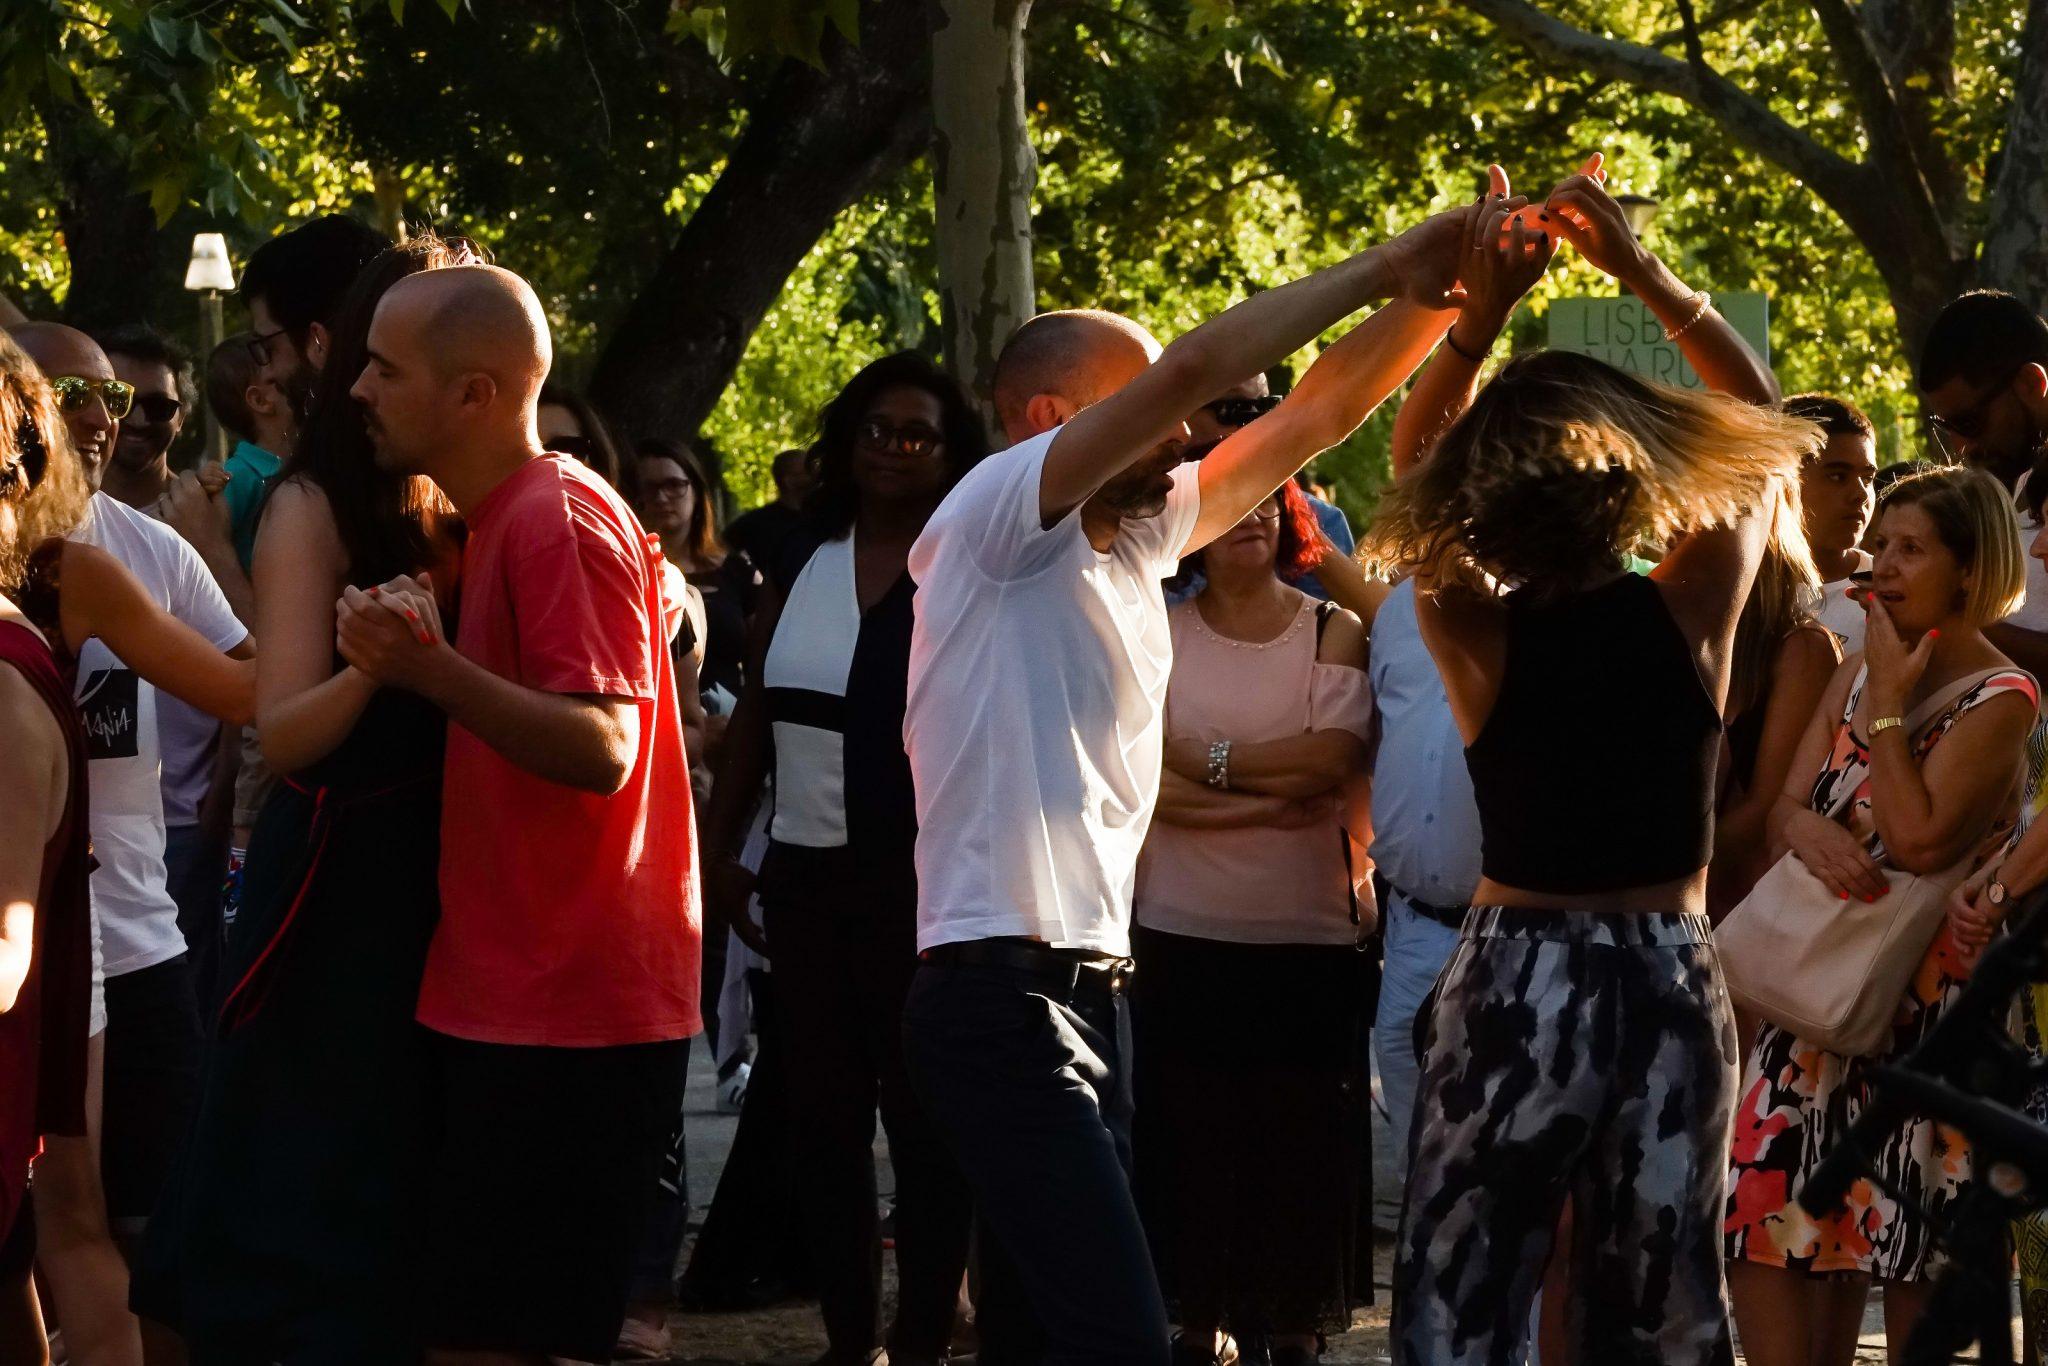 Grupo de pessoas a dançar num jardim